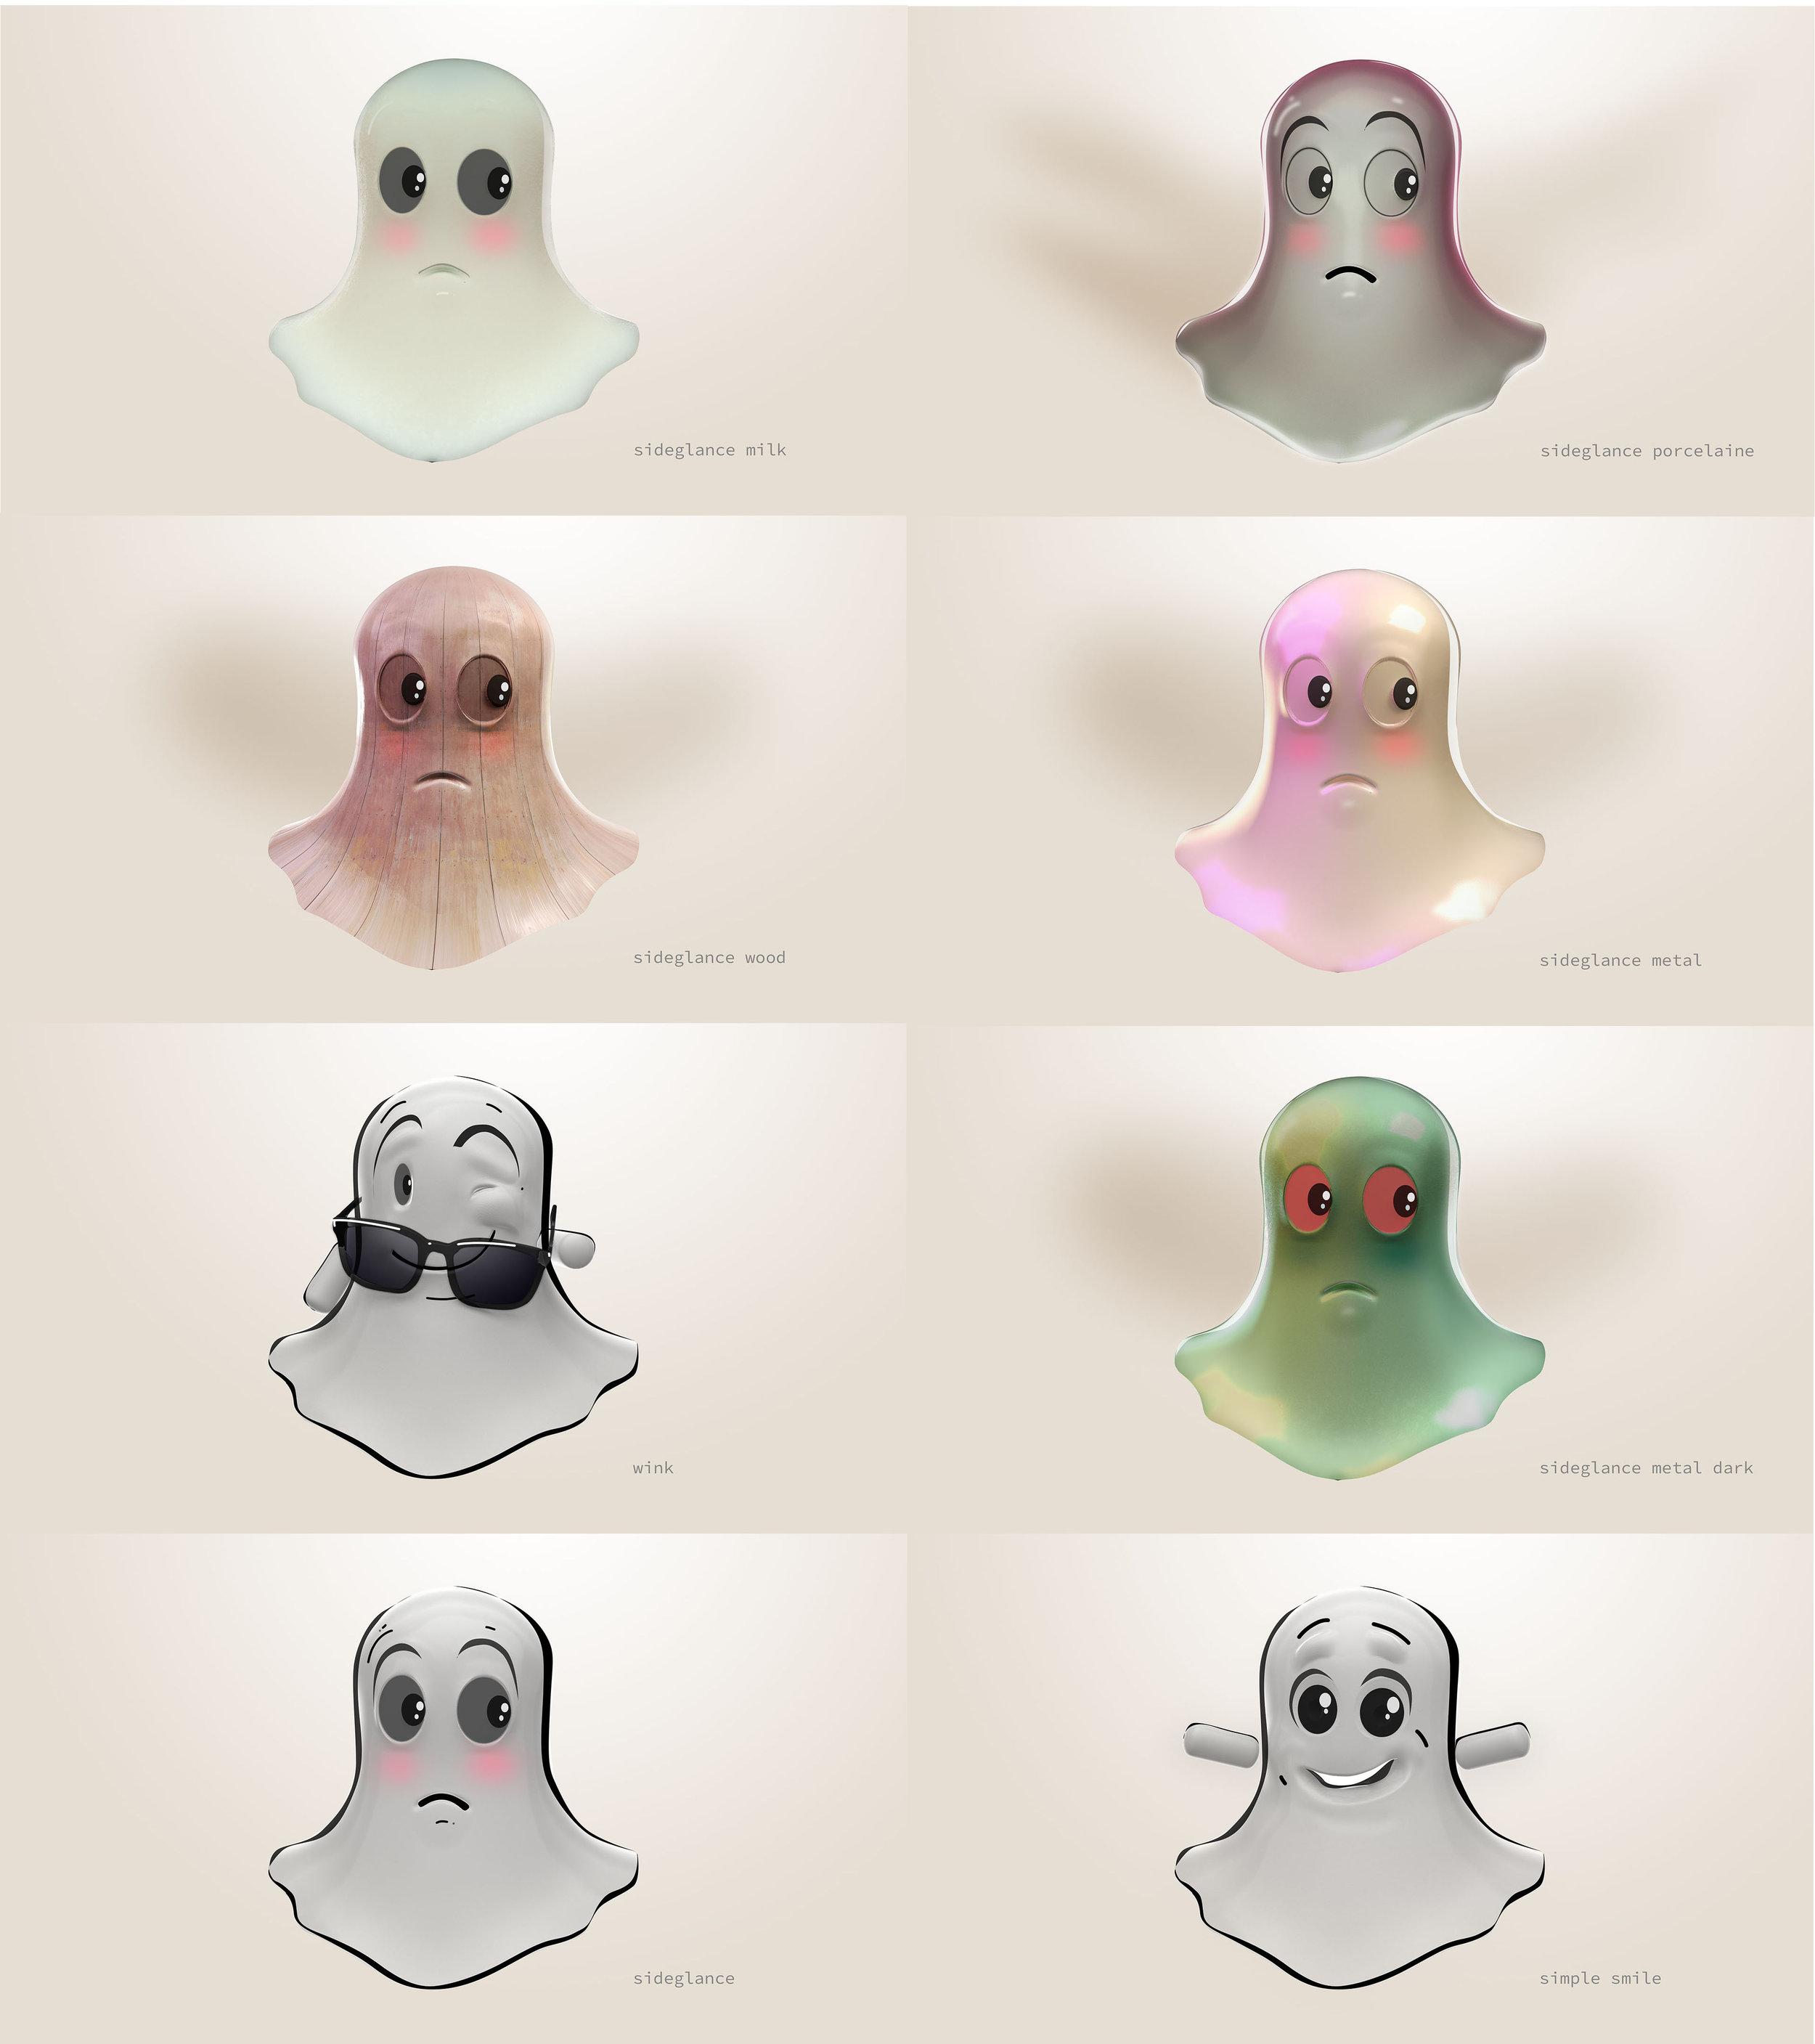 snapchat_ghost_stills.jpg